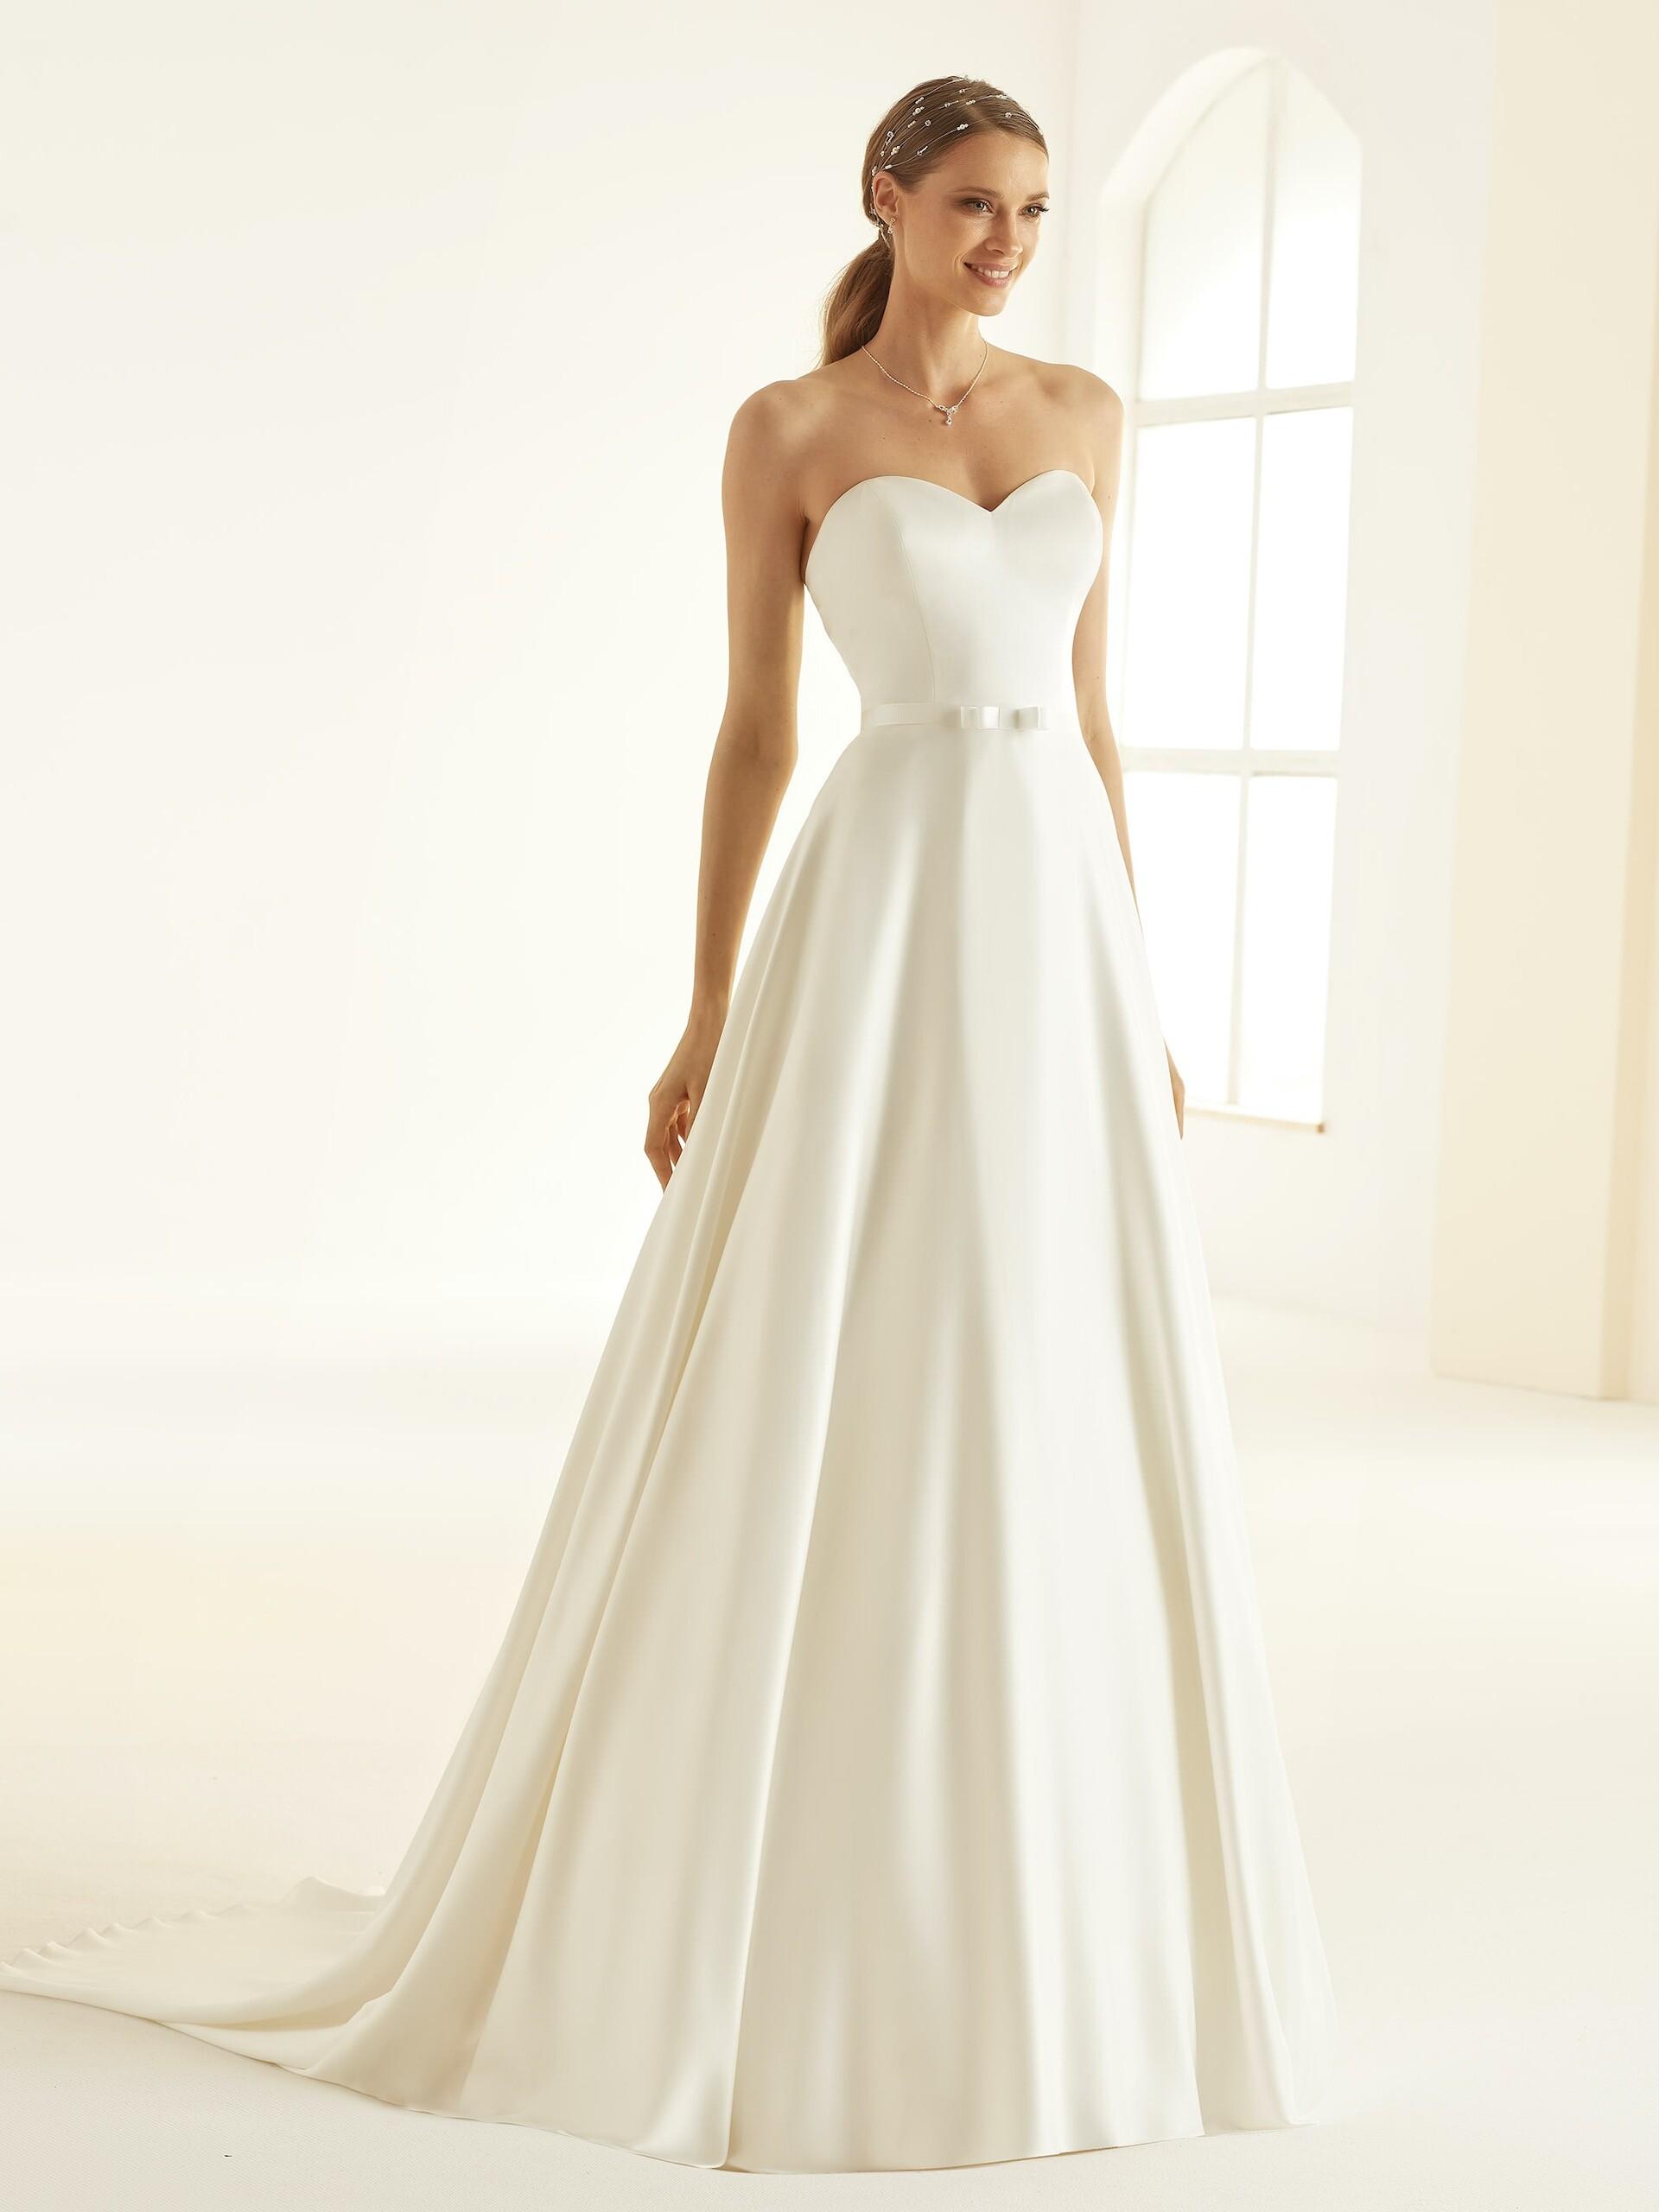 Trägerloses Hochzeitskleid in A-Linie mit Schleppe, Gürtel und Sweetheart-Ausschnitt von Bianco Evento, Modell Melissa